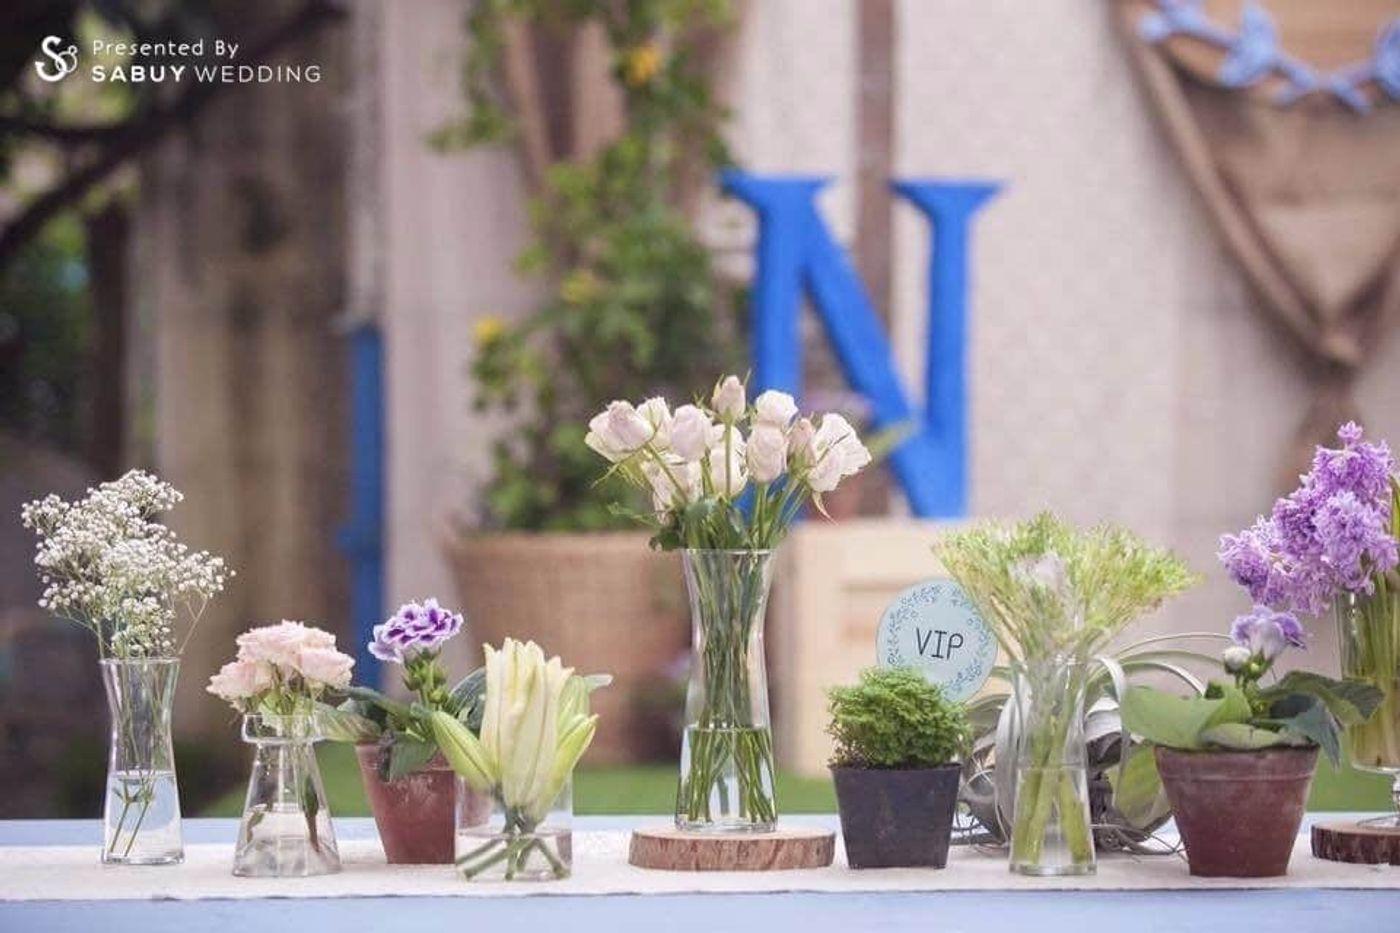 จัดดอกไม้งานแต่ง,ตกแต่งงานแต่ง รีวิวงานแต่งที่บ้าน เล็กแต่เก๋ อบอุ่นน่าจดจำ โลเคชั่นต่างจังหวัดก็ไม่ต้องกังวล